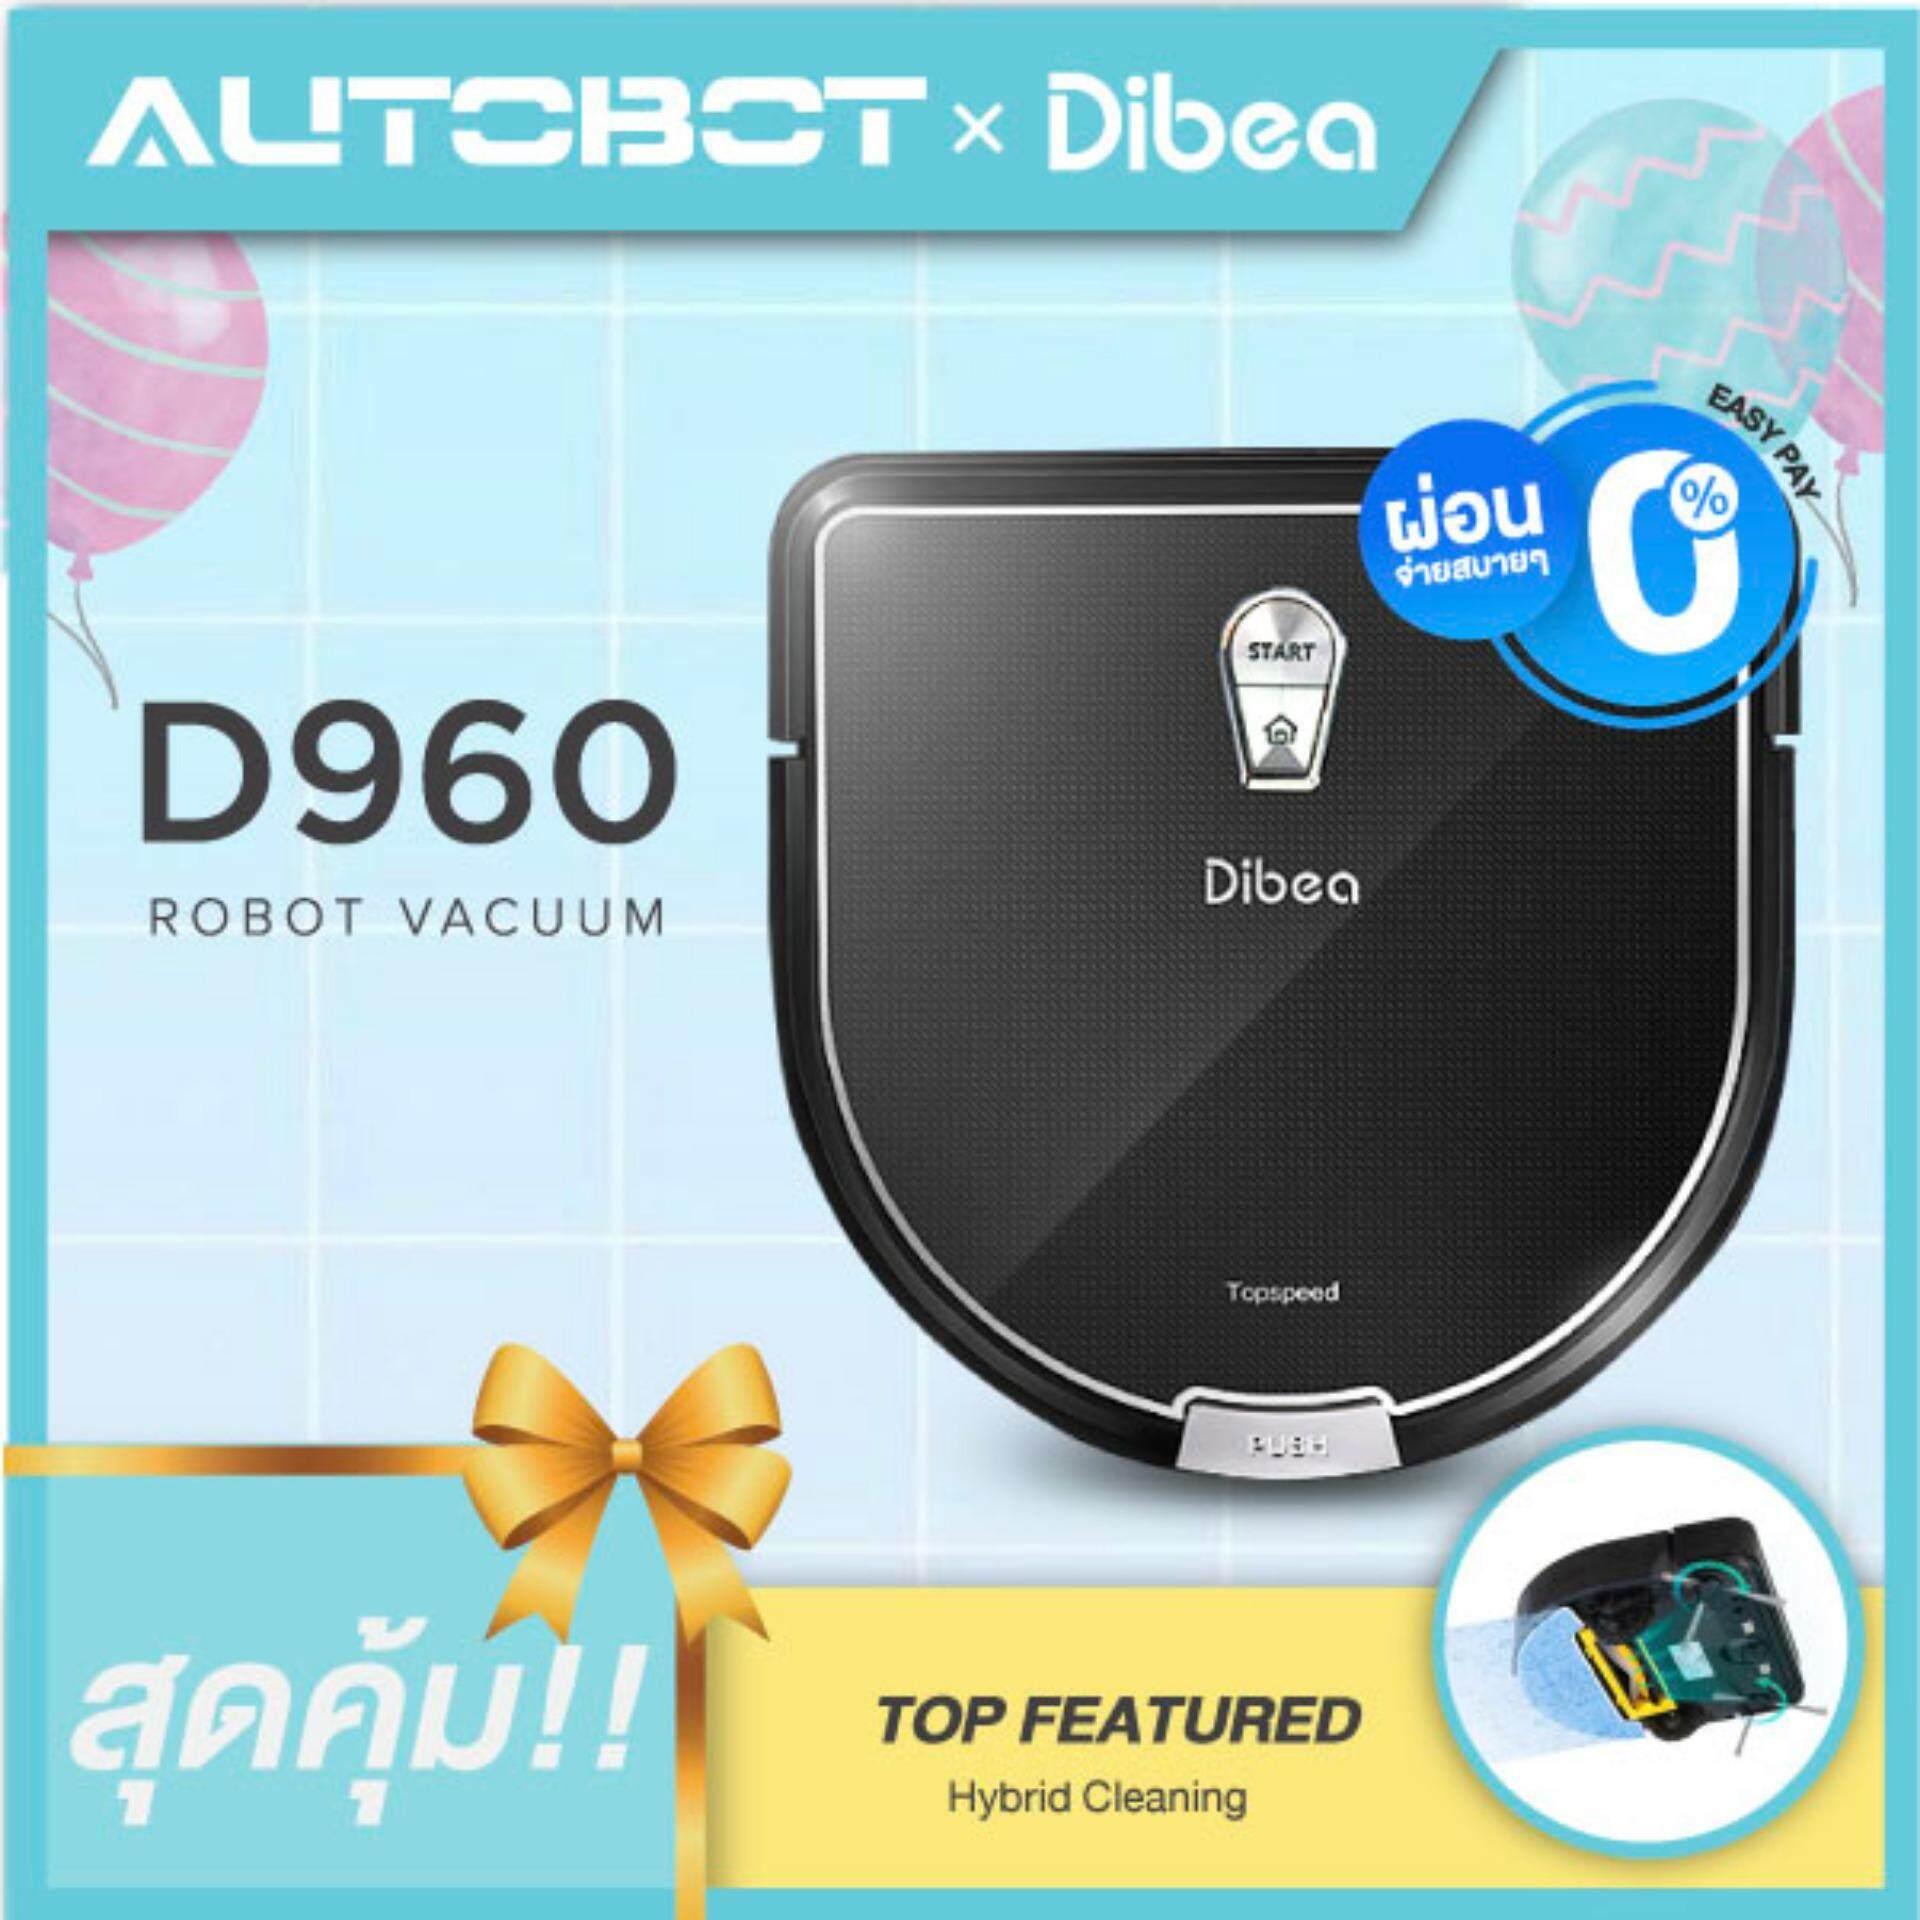 ข้อดีข้อเสีย  Dibea หุ่นยนต์ดูด Smart HYBRID robot ทรง D shape เสริมกระจกเทมเปอร์กลาส รุ่น D960 มีรับประกัน ลดราคา